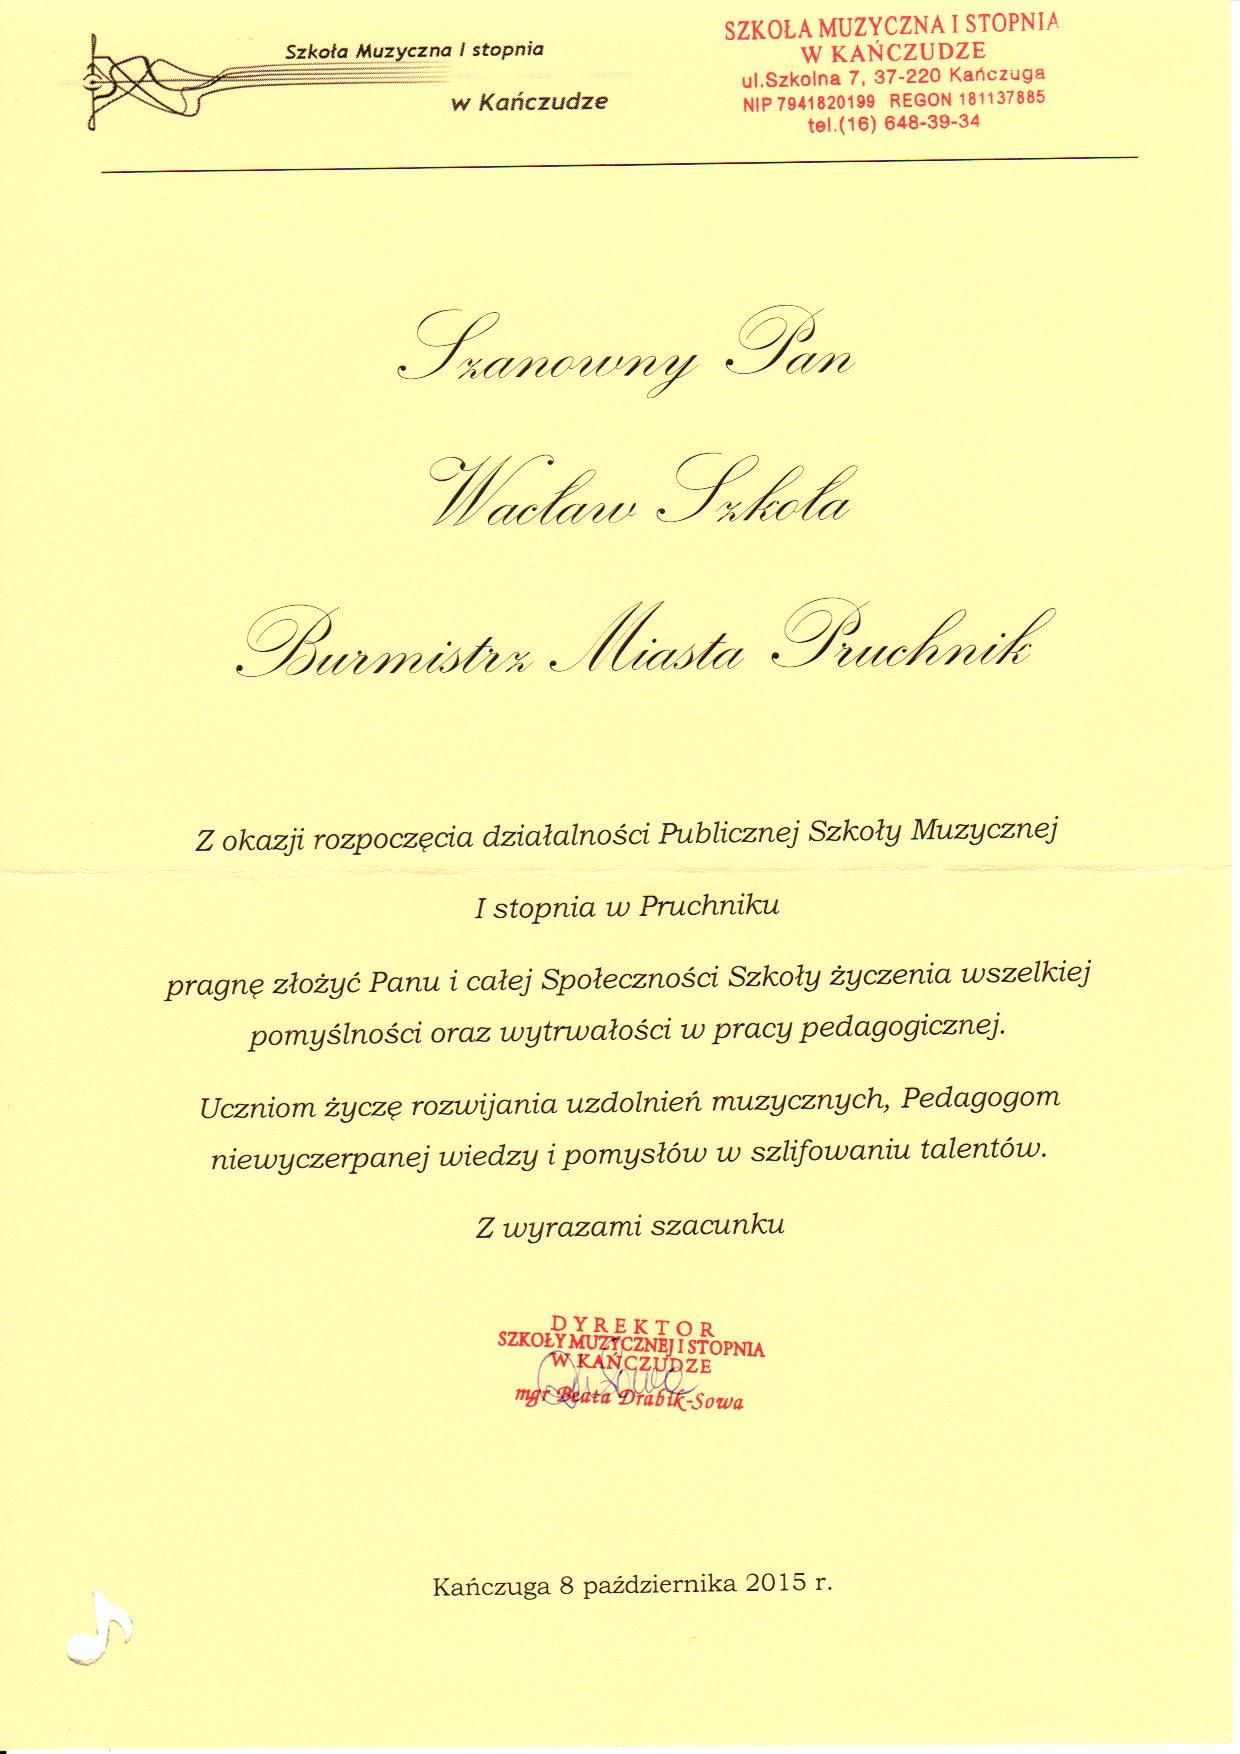 Gratulacje I życzenia Z Okazji Rozpoczęcia Działalności